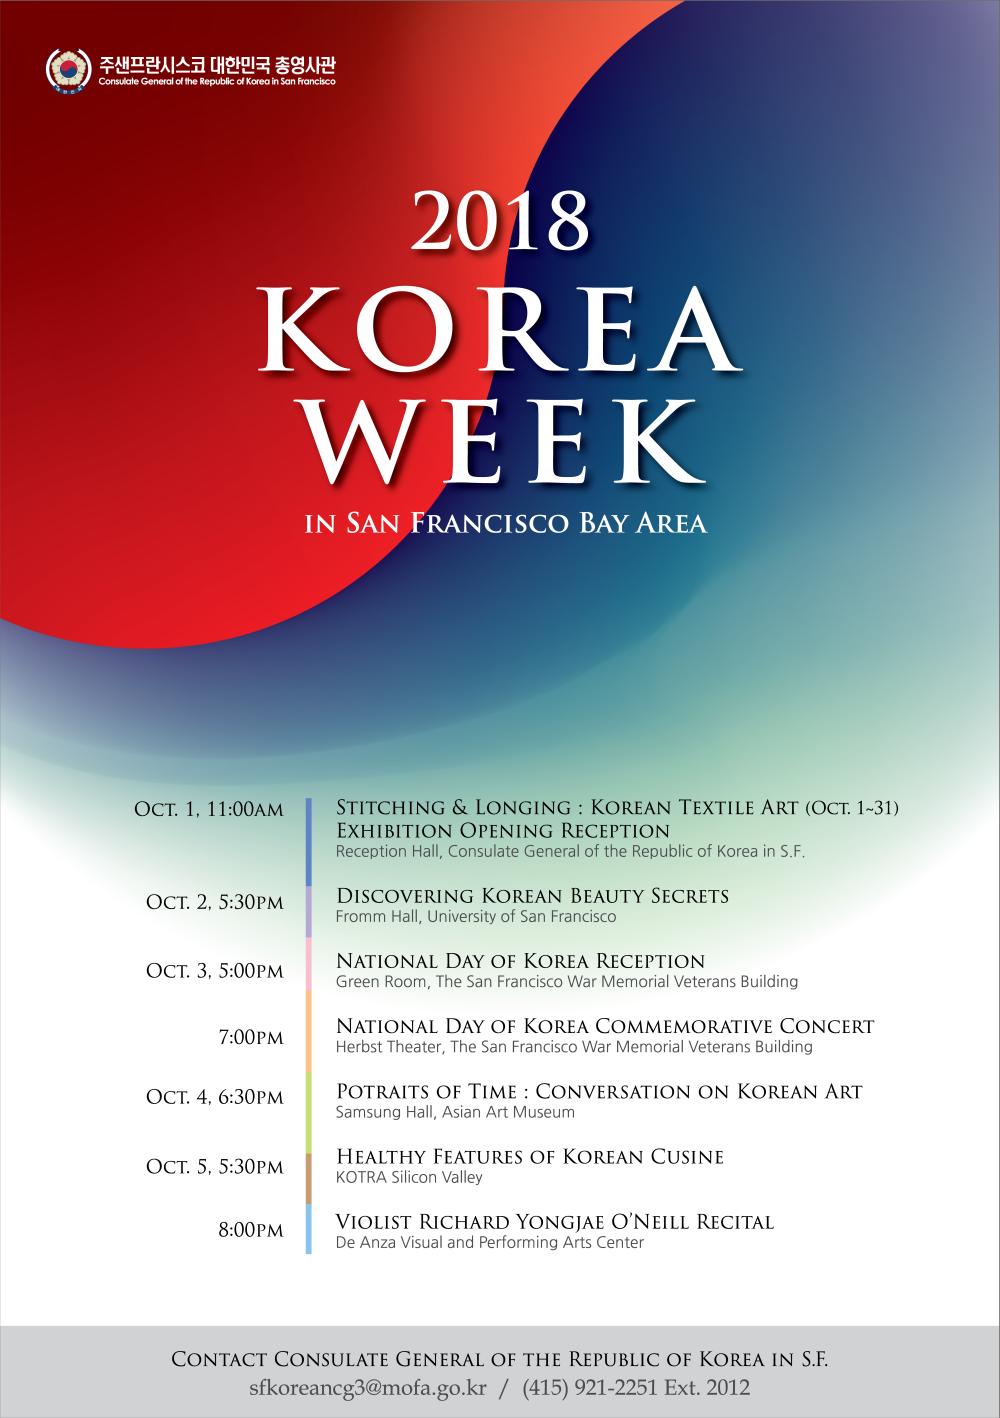 KoreaWeek2018.png